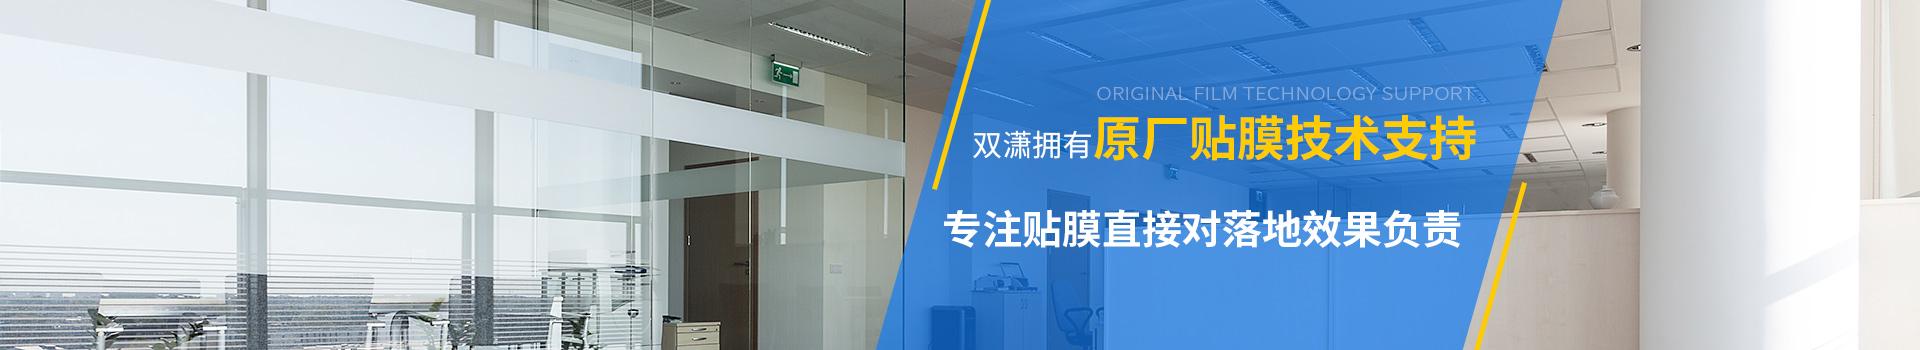 双潇玻璃贴膜拥有原厂贴膜技术支持